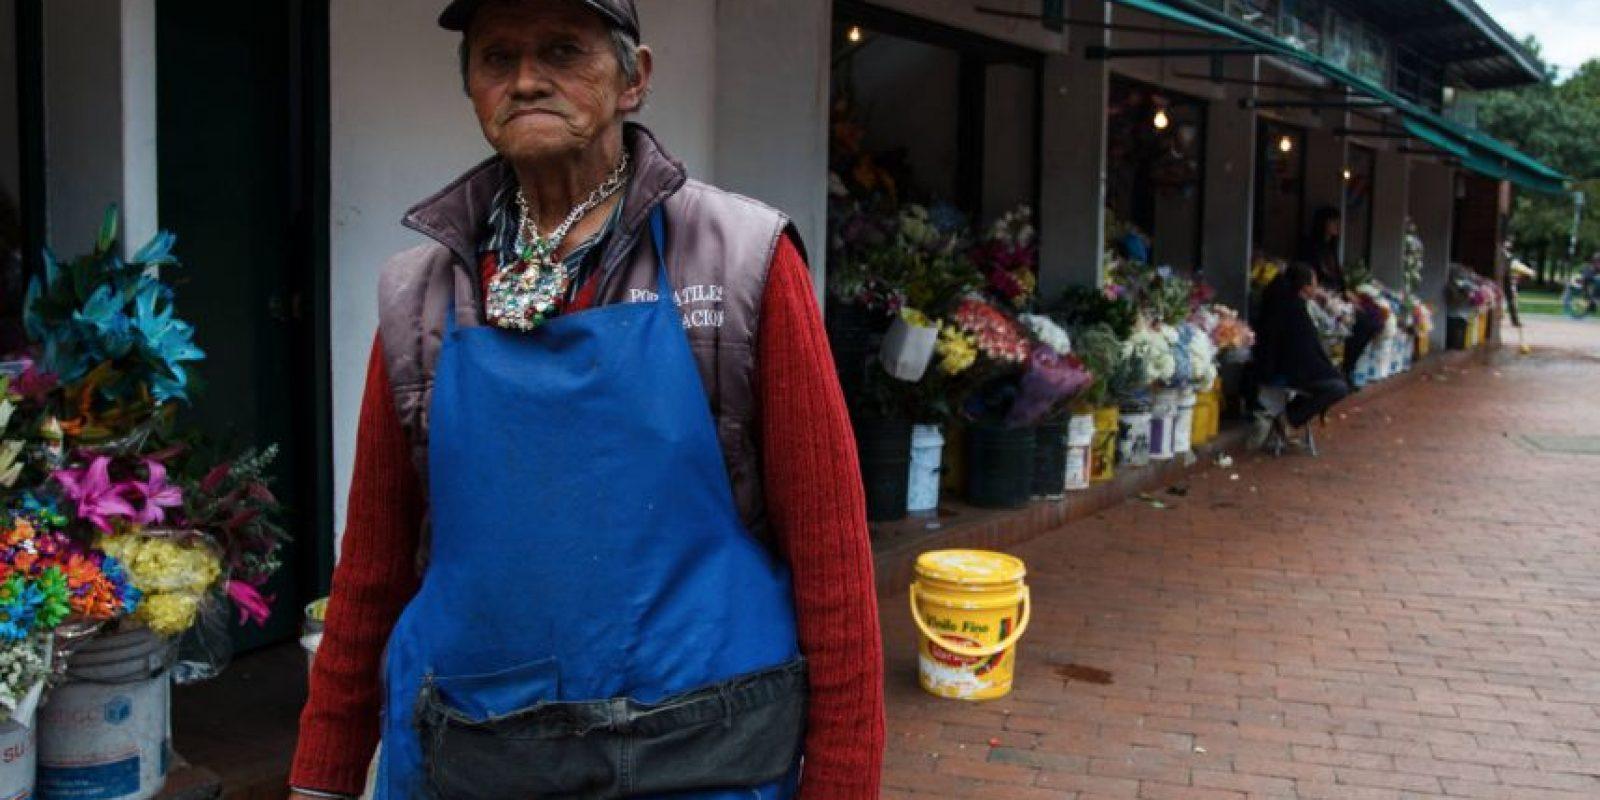 Don José Cruz es florista y asegura haber viajado a lugares en el universo donde nadie jamás ha ido. Foto:Juan Pablo Pino / Publimetro